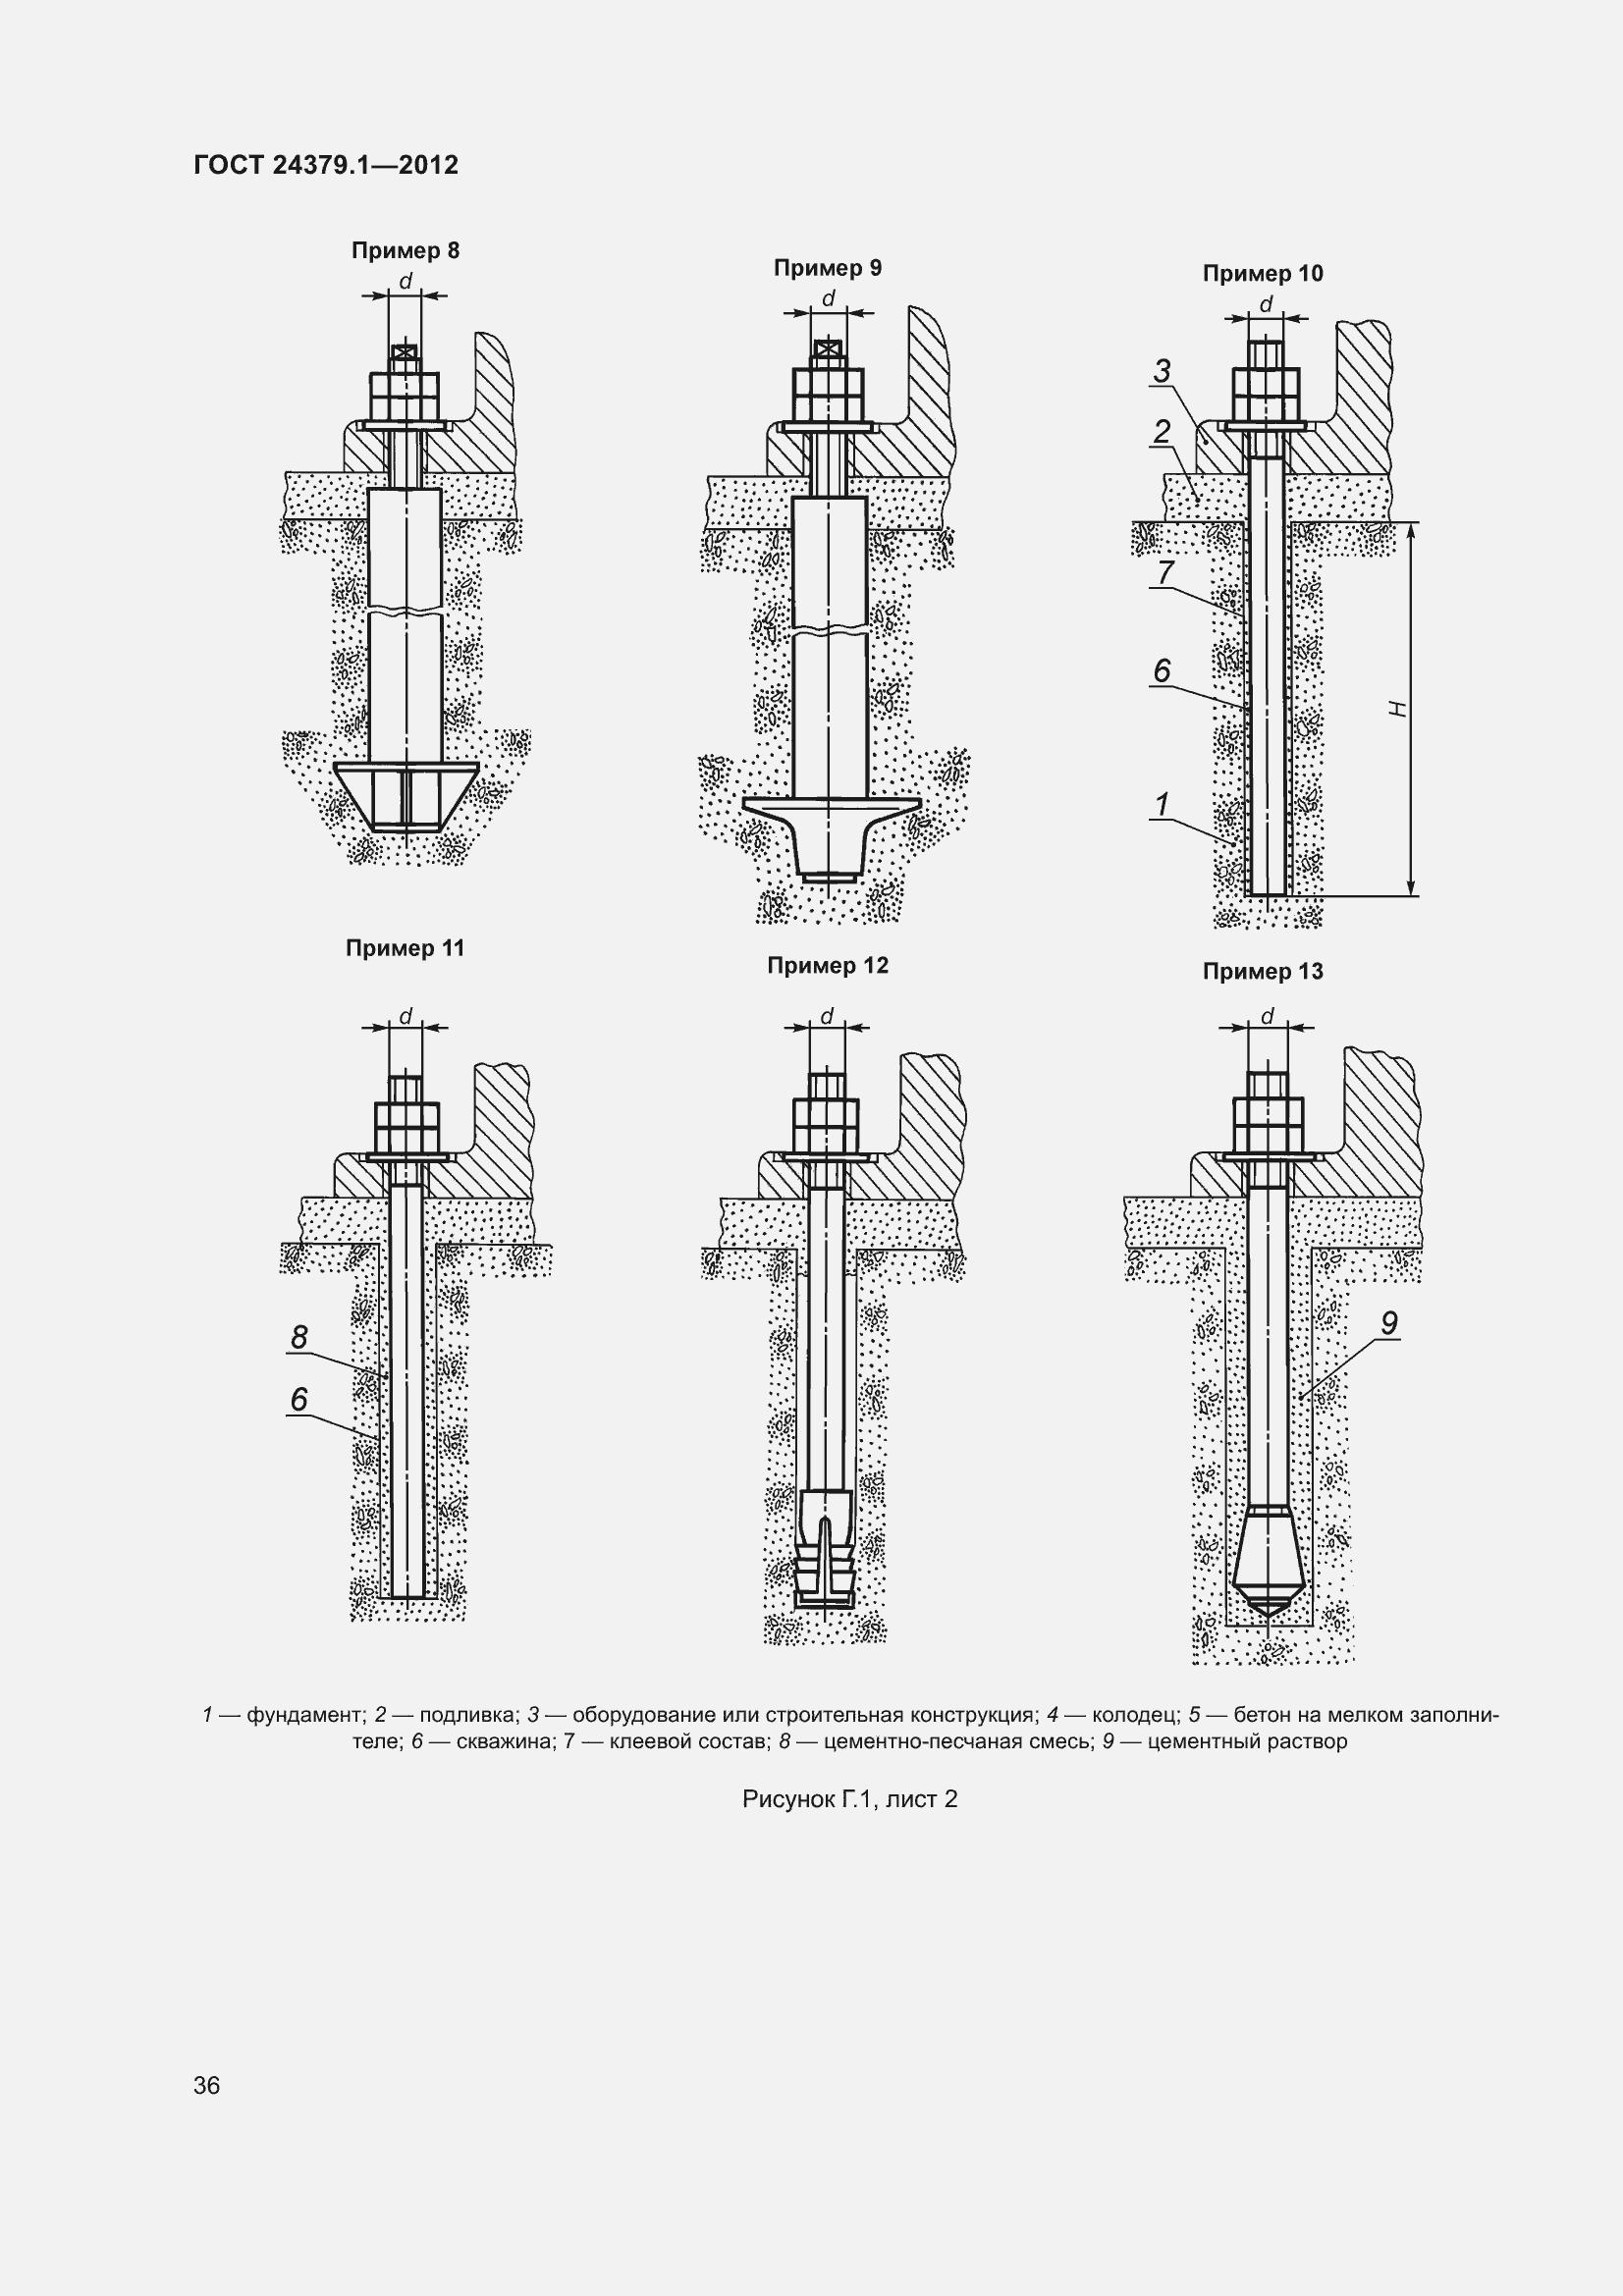 ГОСТ 24379.1-2012. Страница 42